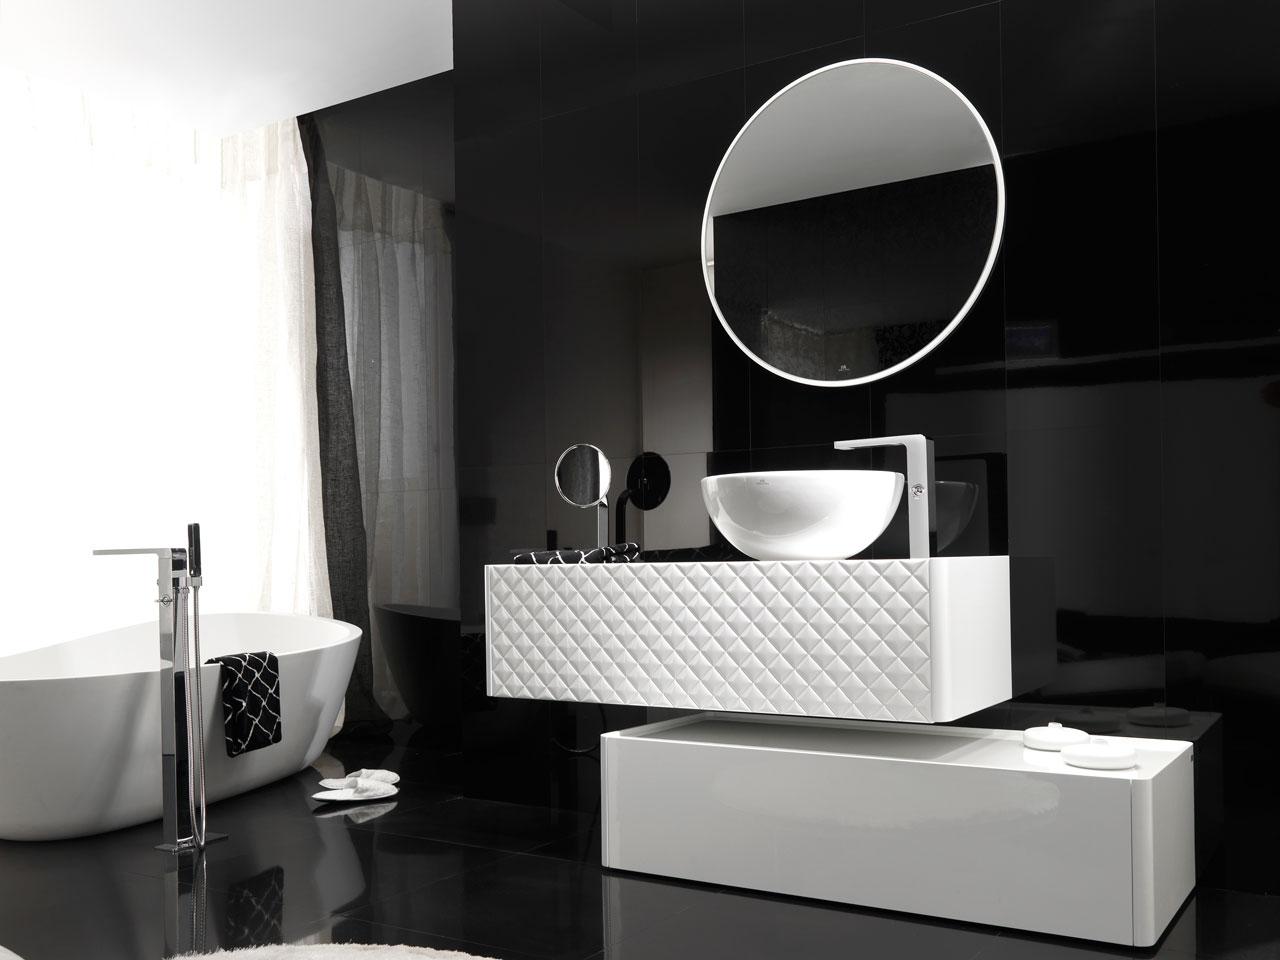 Tienda online de muebles de baño baratos.